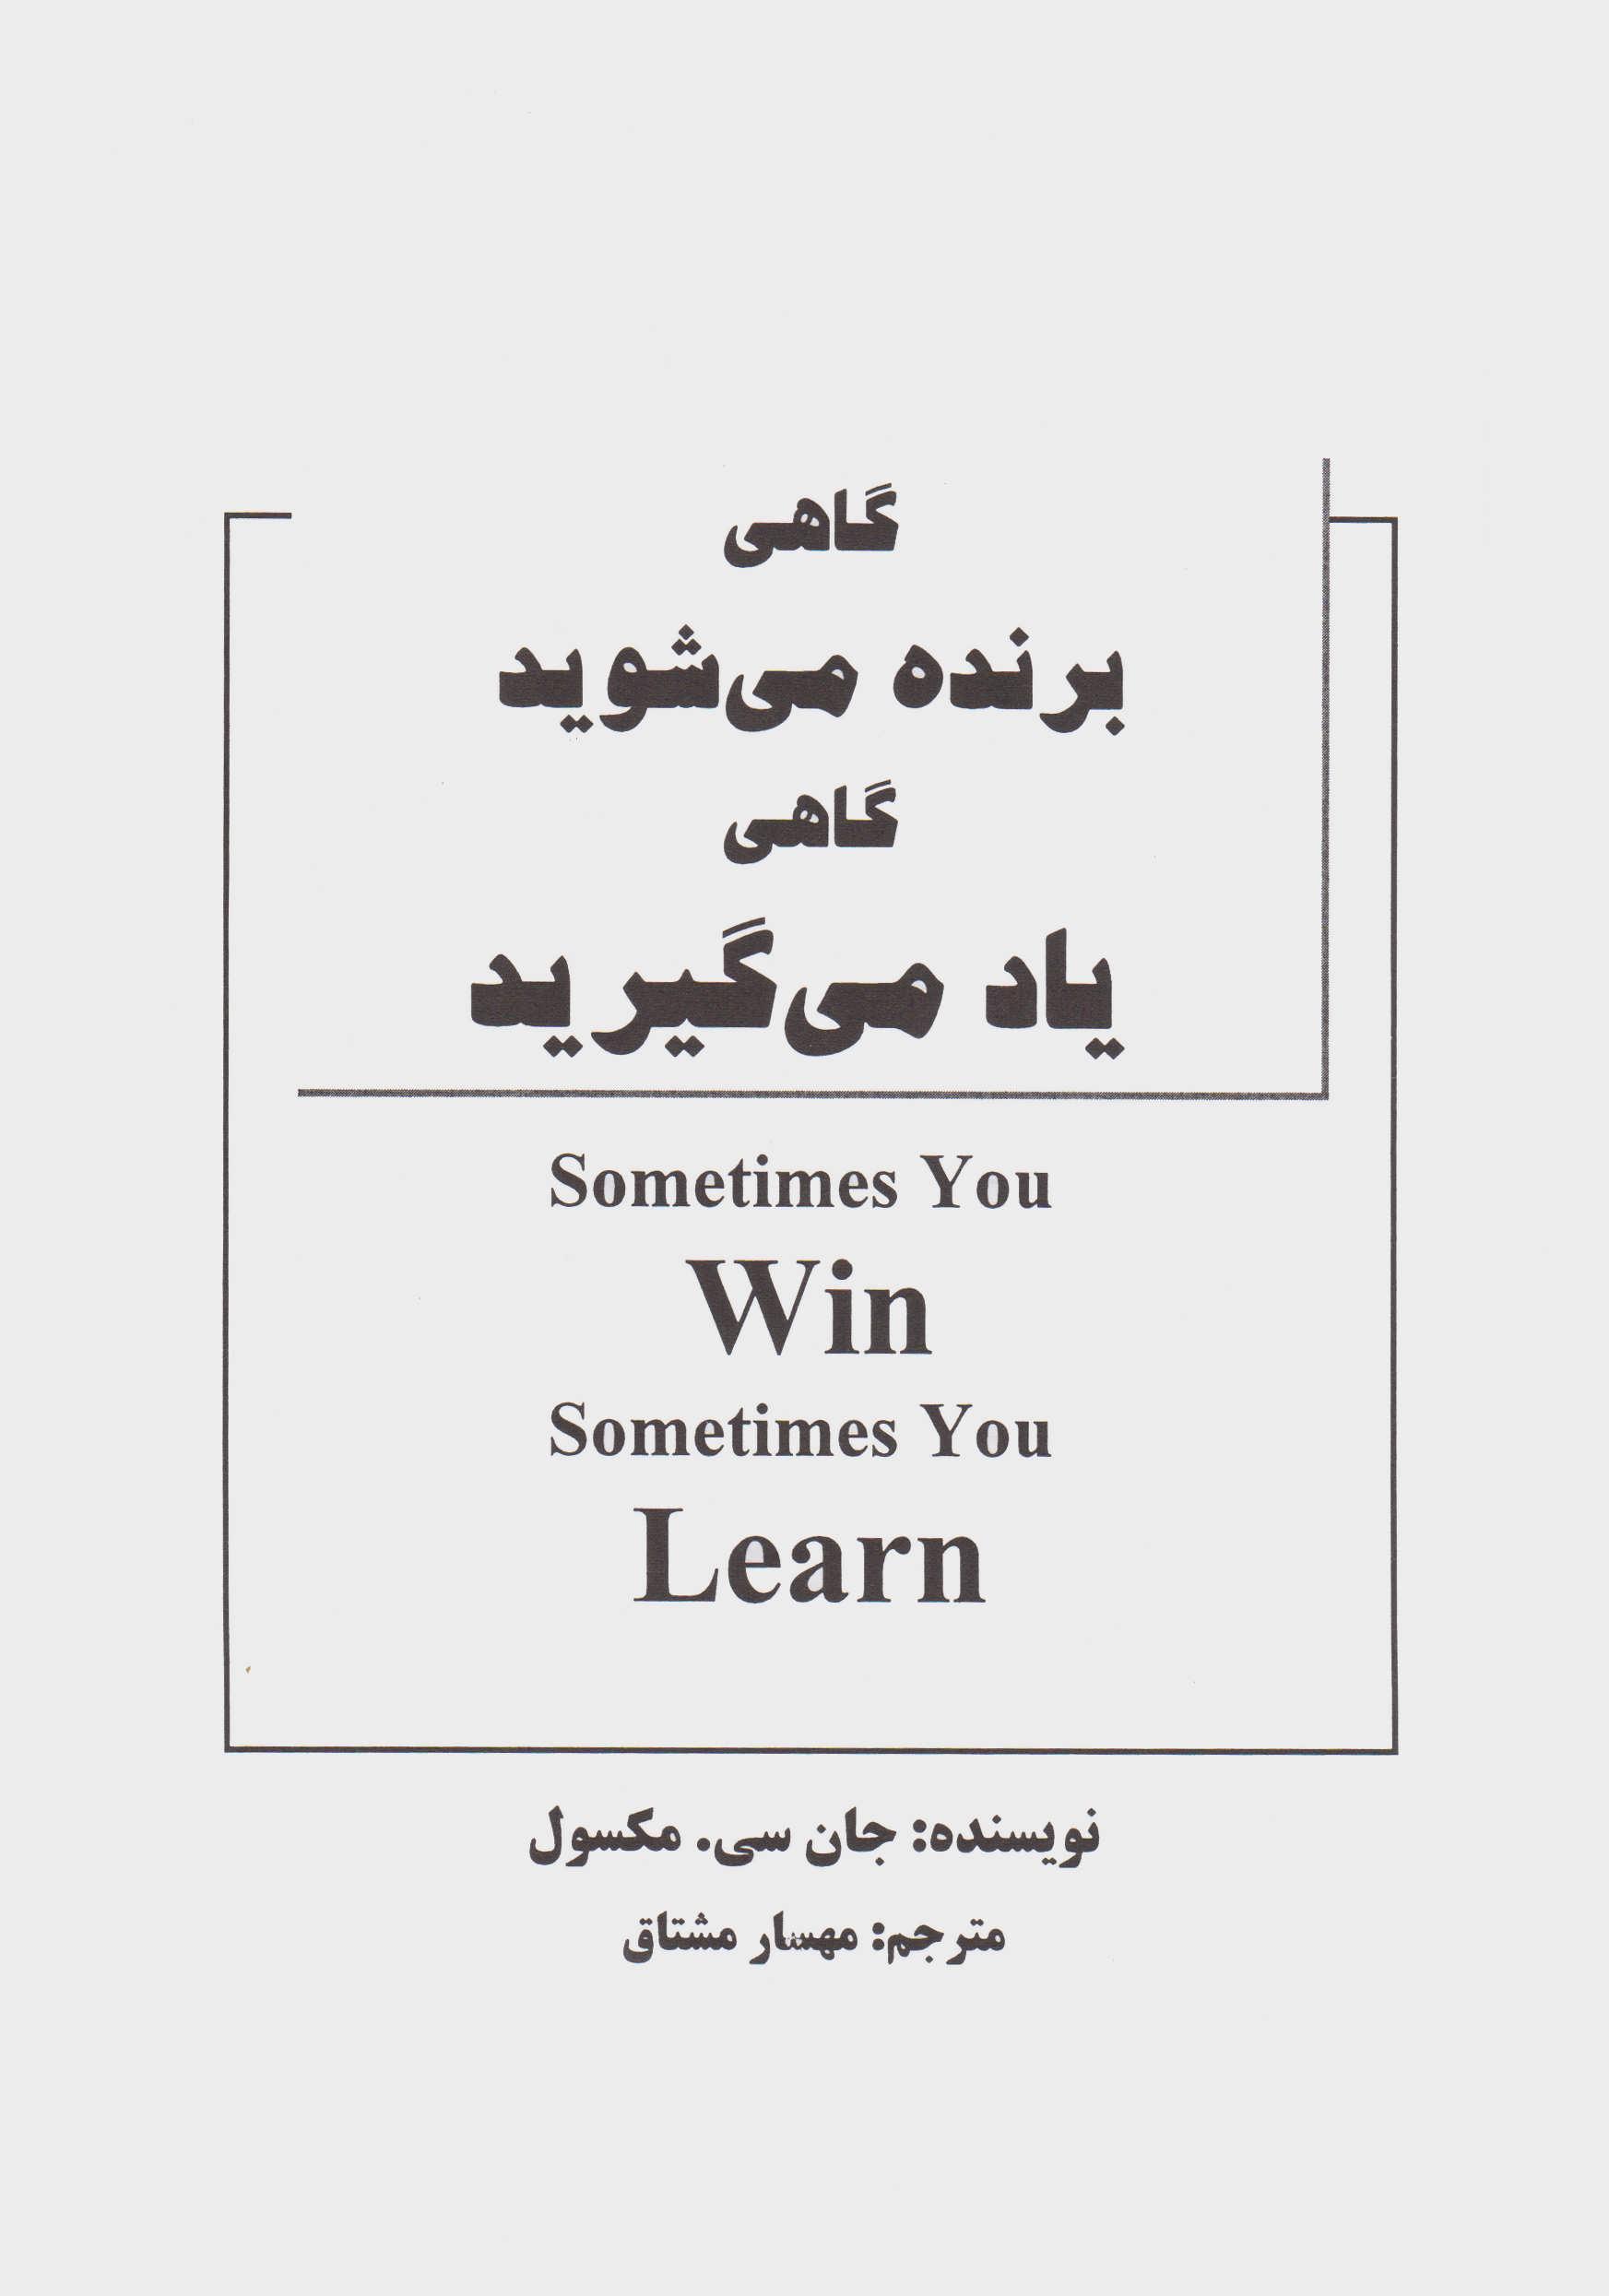 گاهی برنده می شوید گاهی یاد می گیرید (زندگی مثبت)